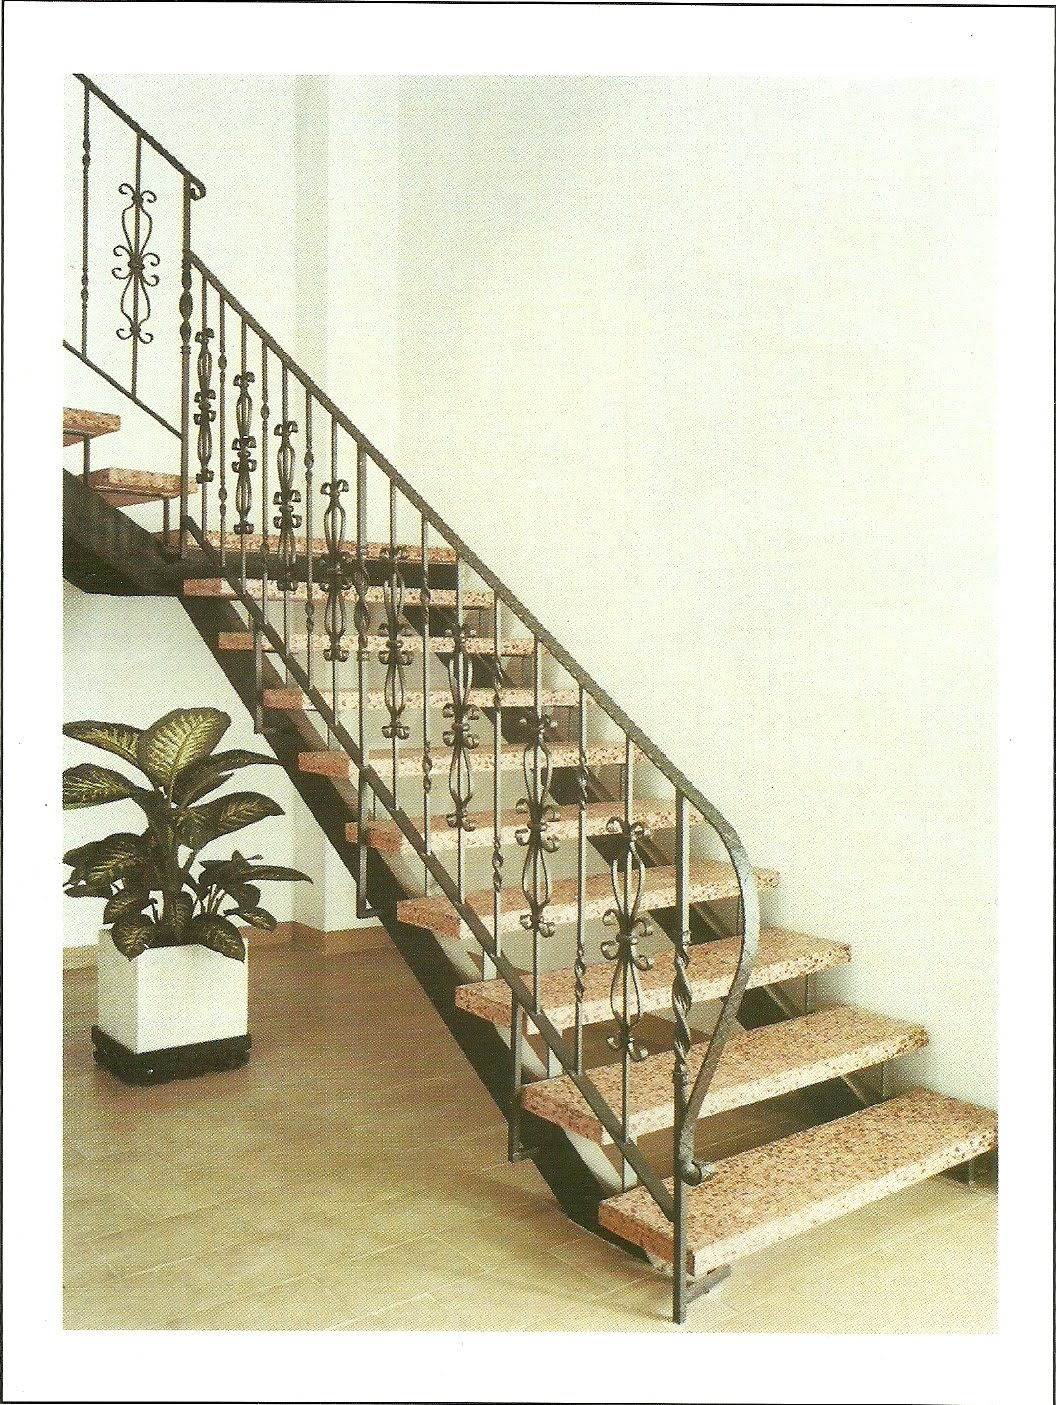 Instalaciones comerciales benidorm varandillas escaleras for Fotos de escaleras de herreria